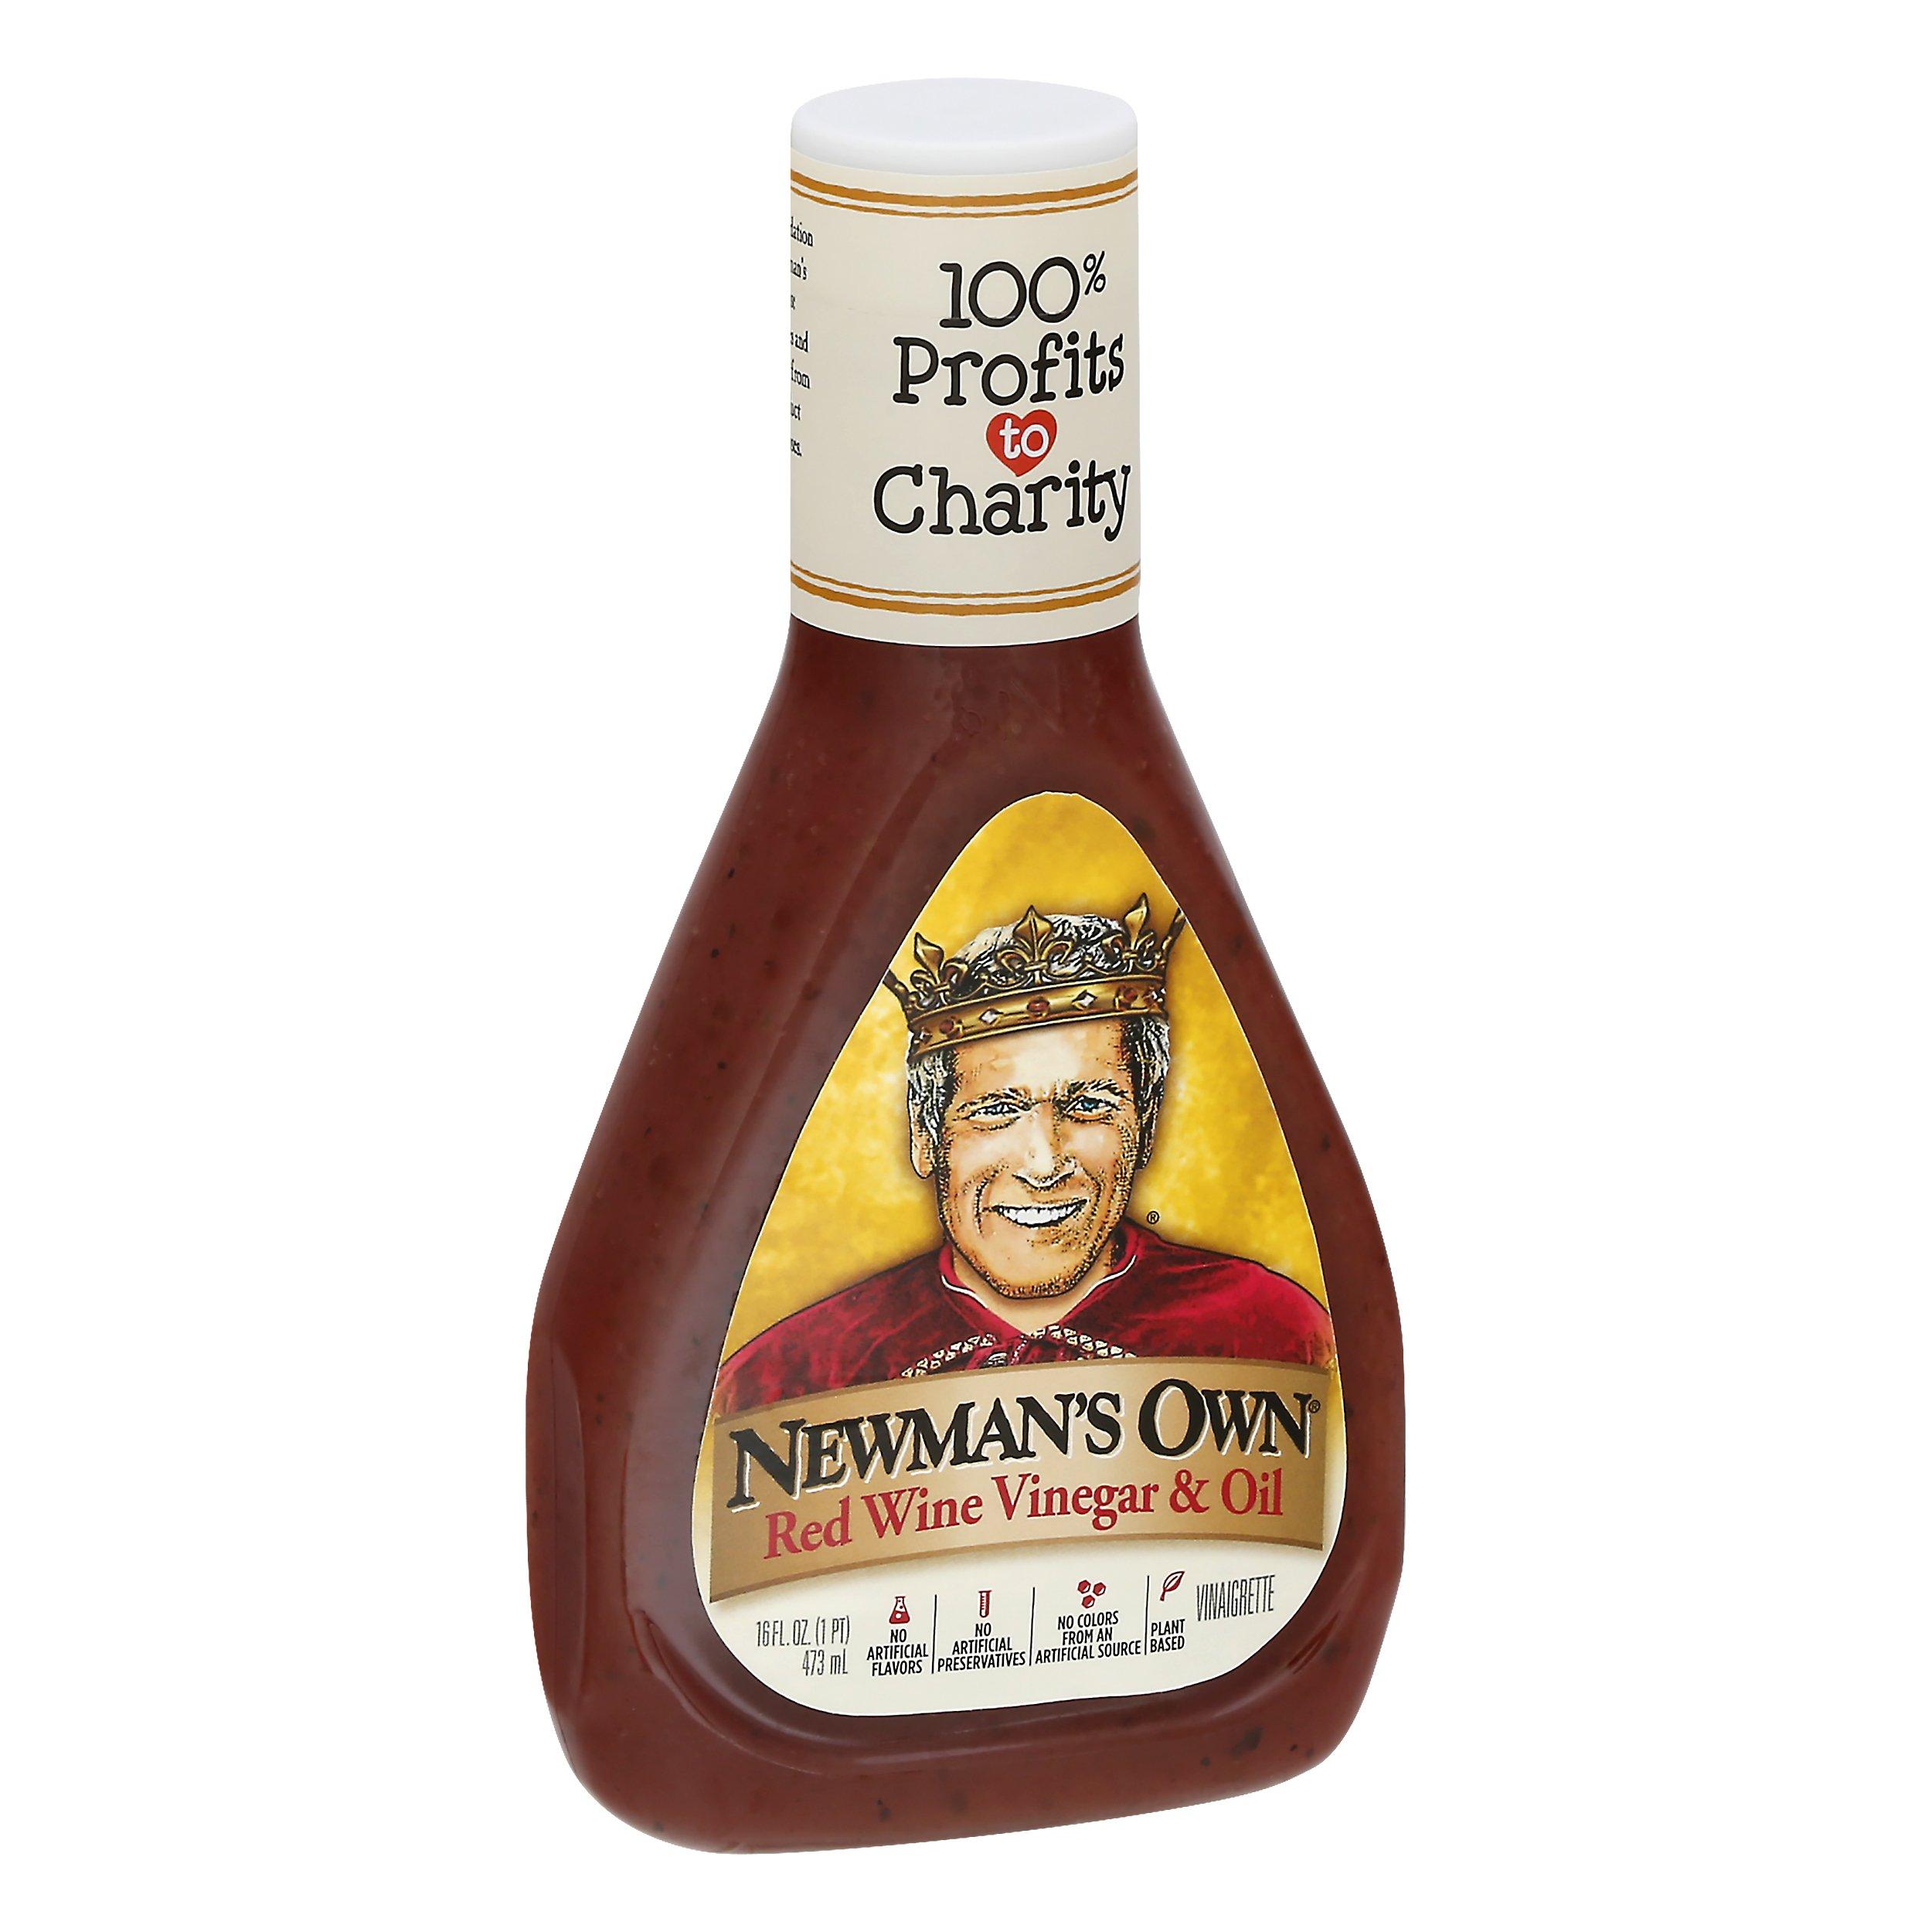 Newmans Own Red Wine Vinegar & Oil 16OZ 6-Pack